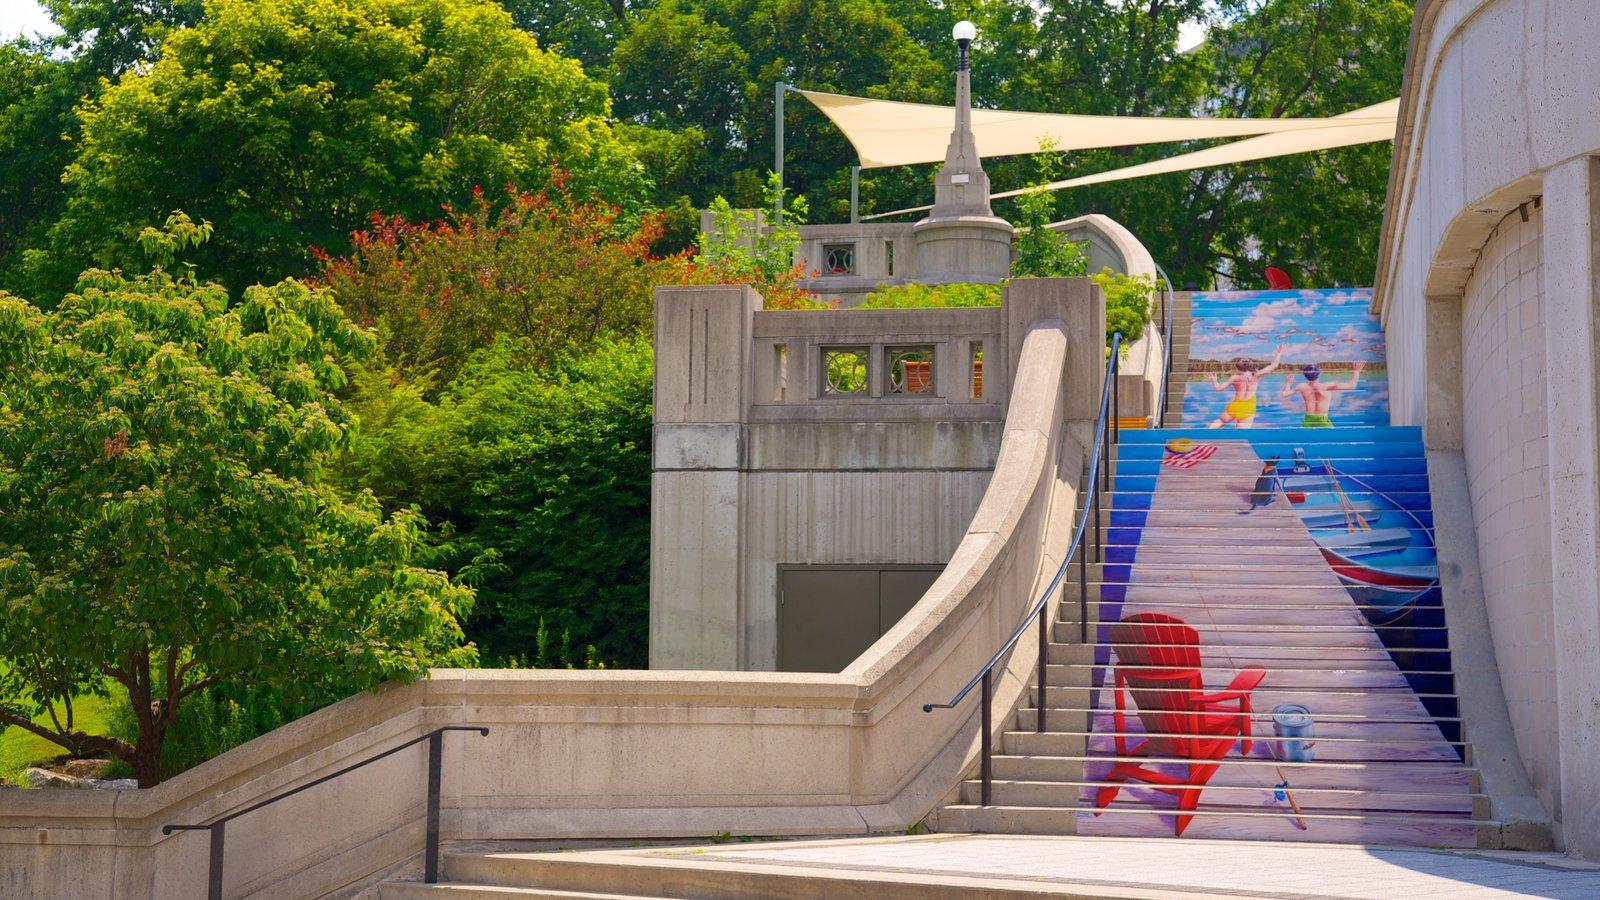 Rideau Canal que inclui arquitetura de patrimônio e arte ao ar livre